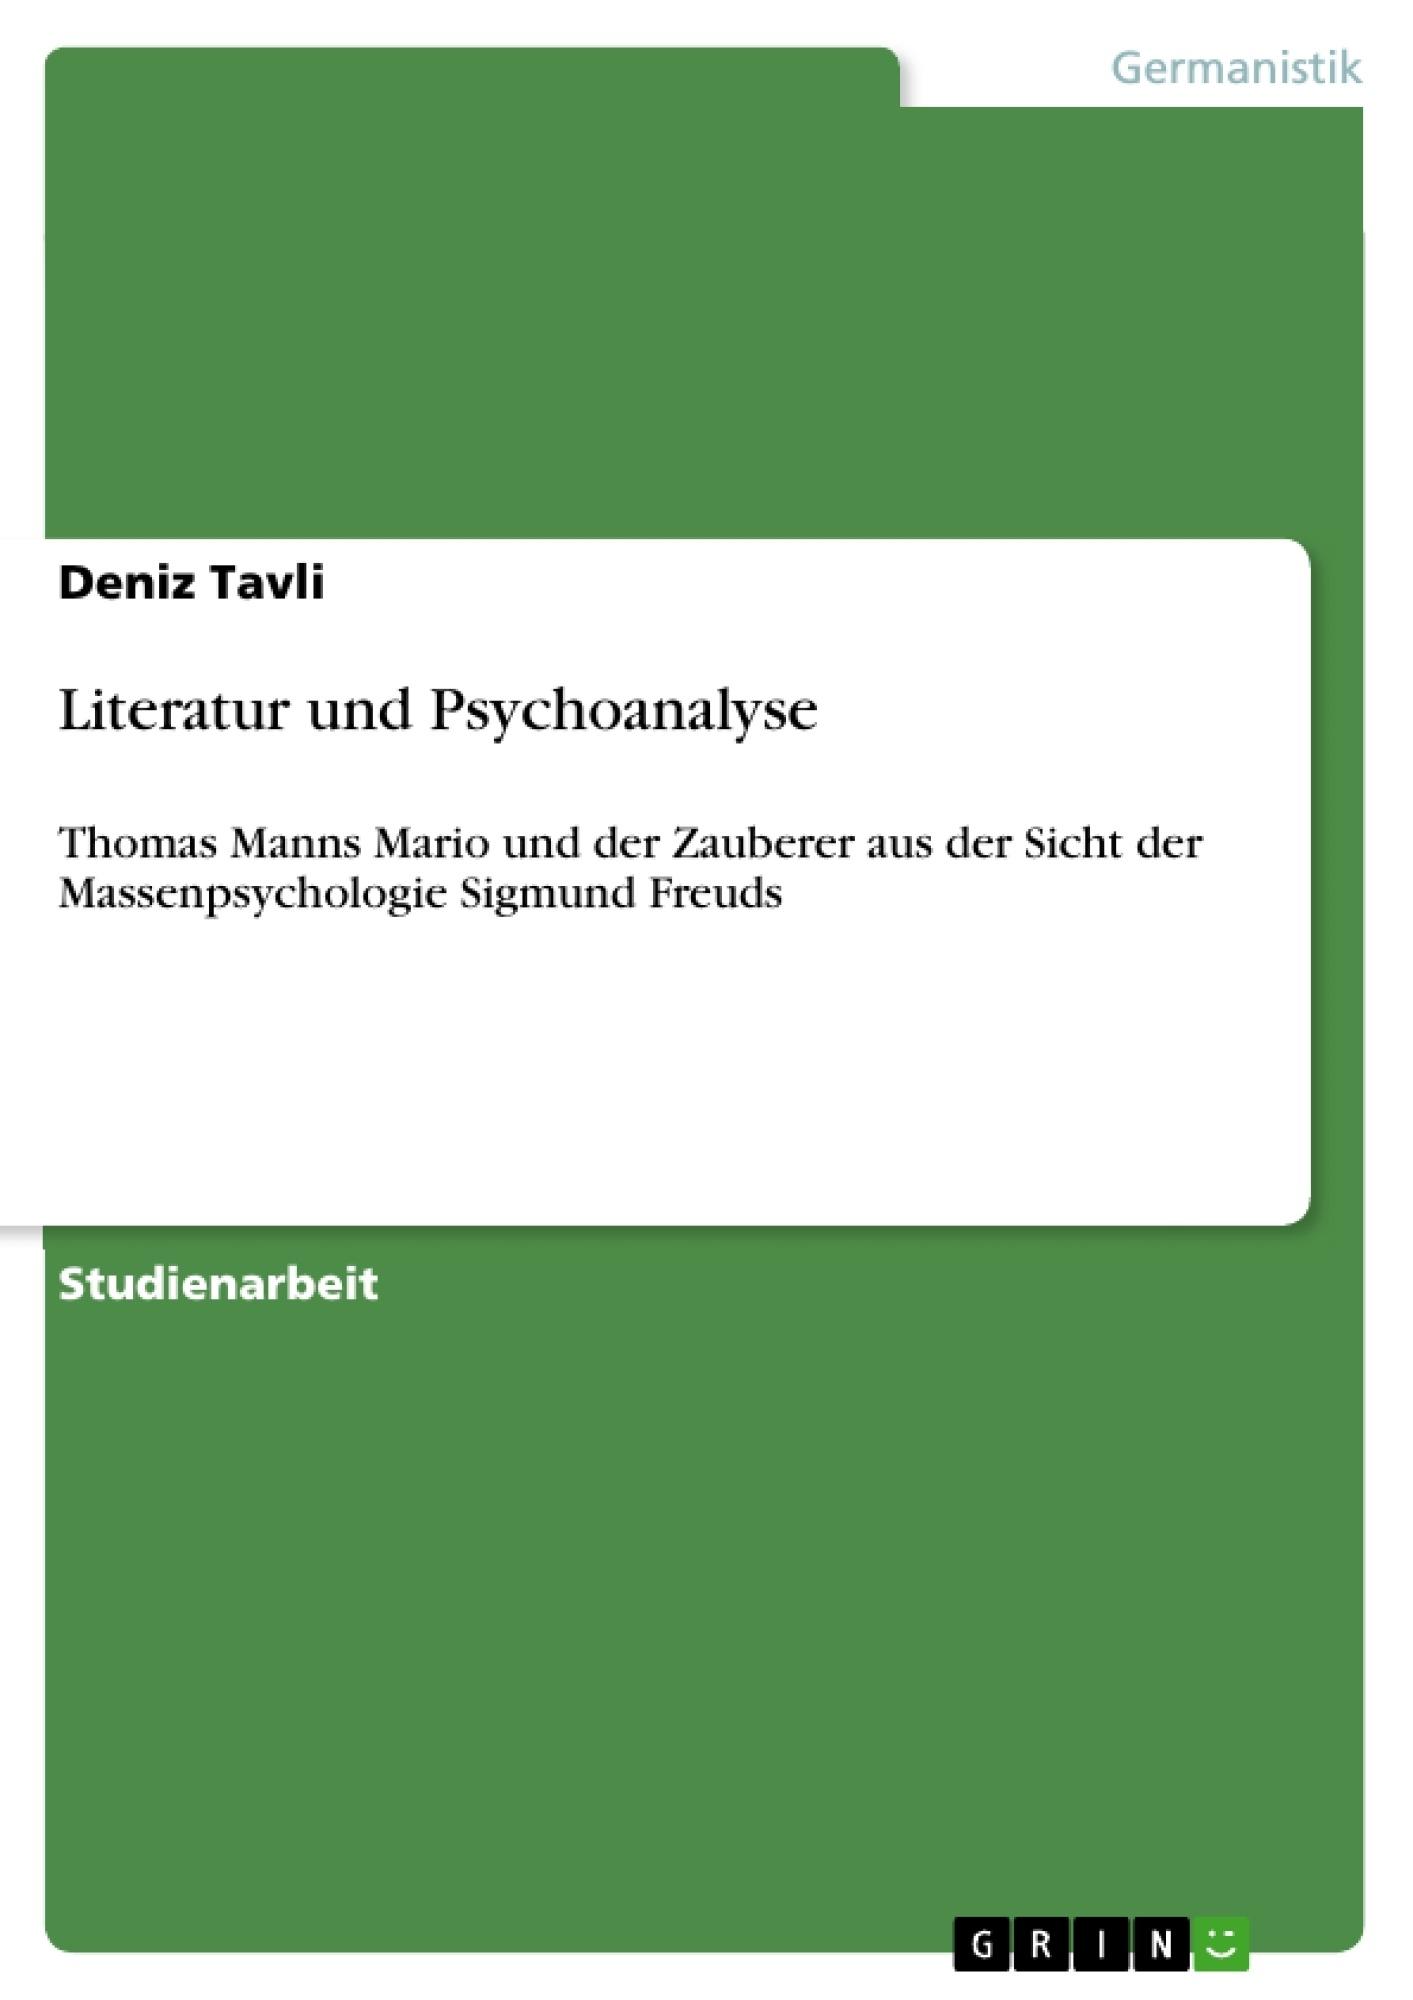 Titel: Literatur und Psychoanalyse